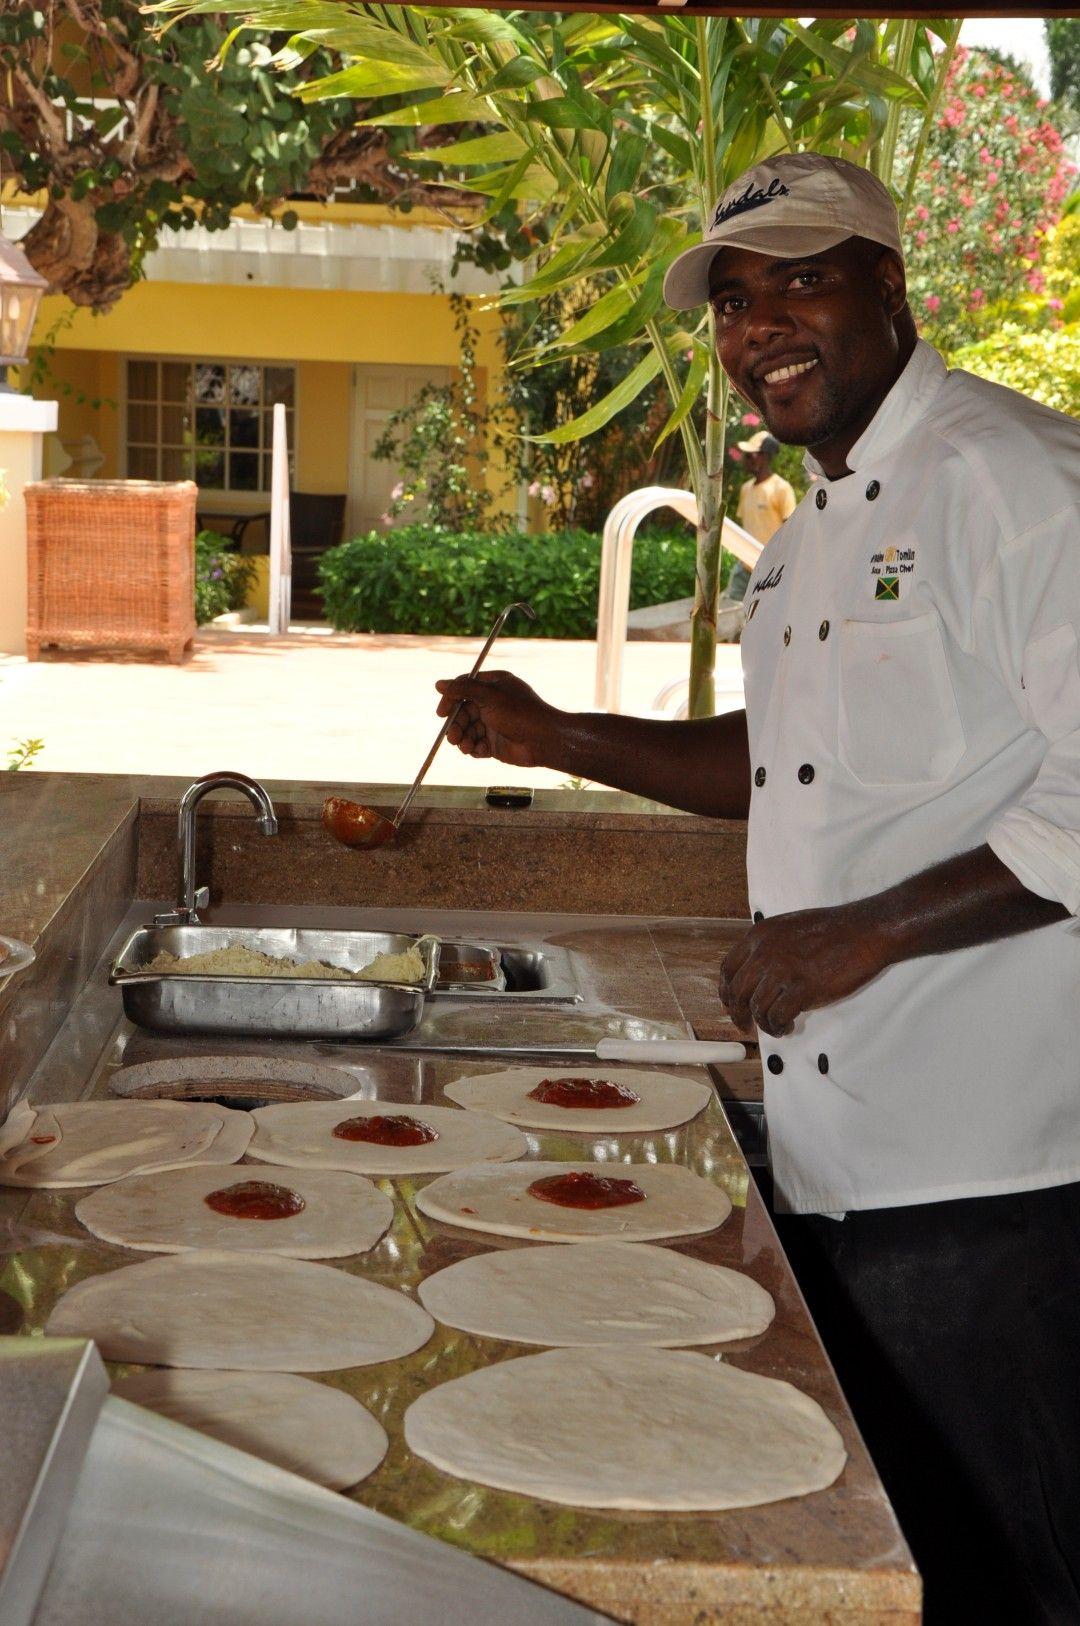 Bella Napoli Sandals Royal Caribbean - Chef Gino